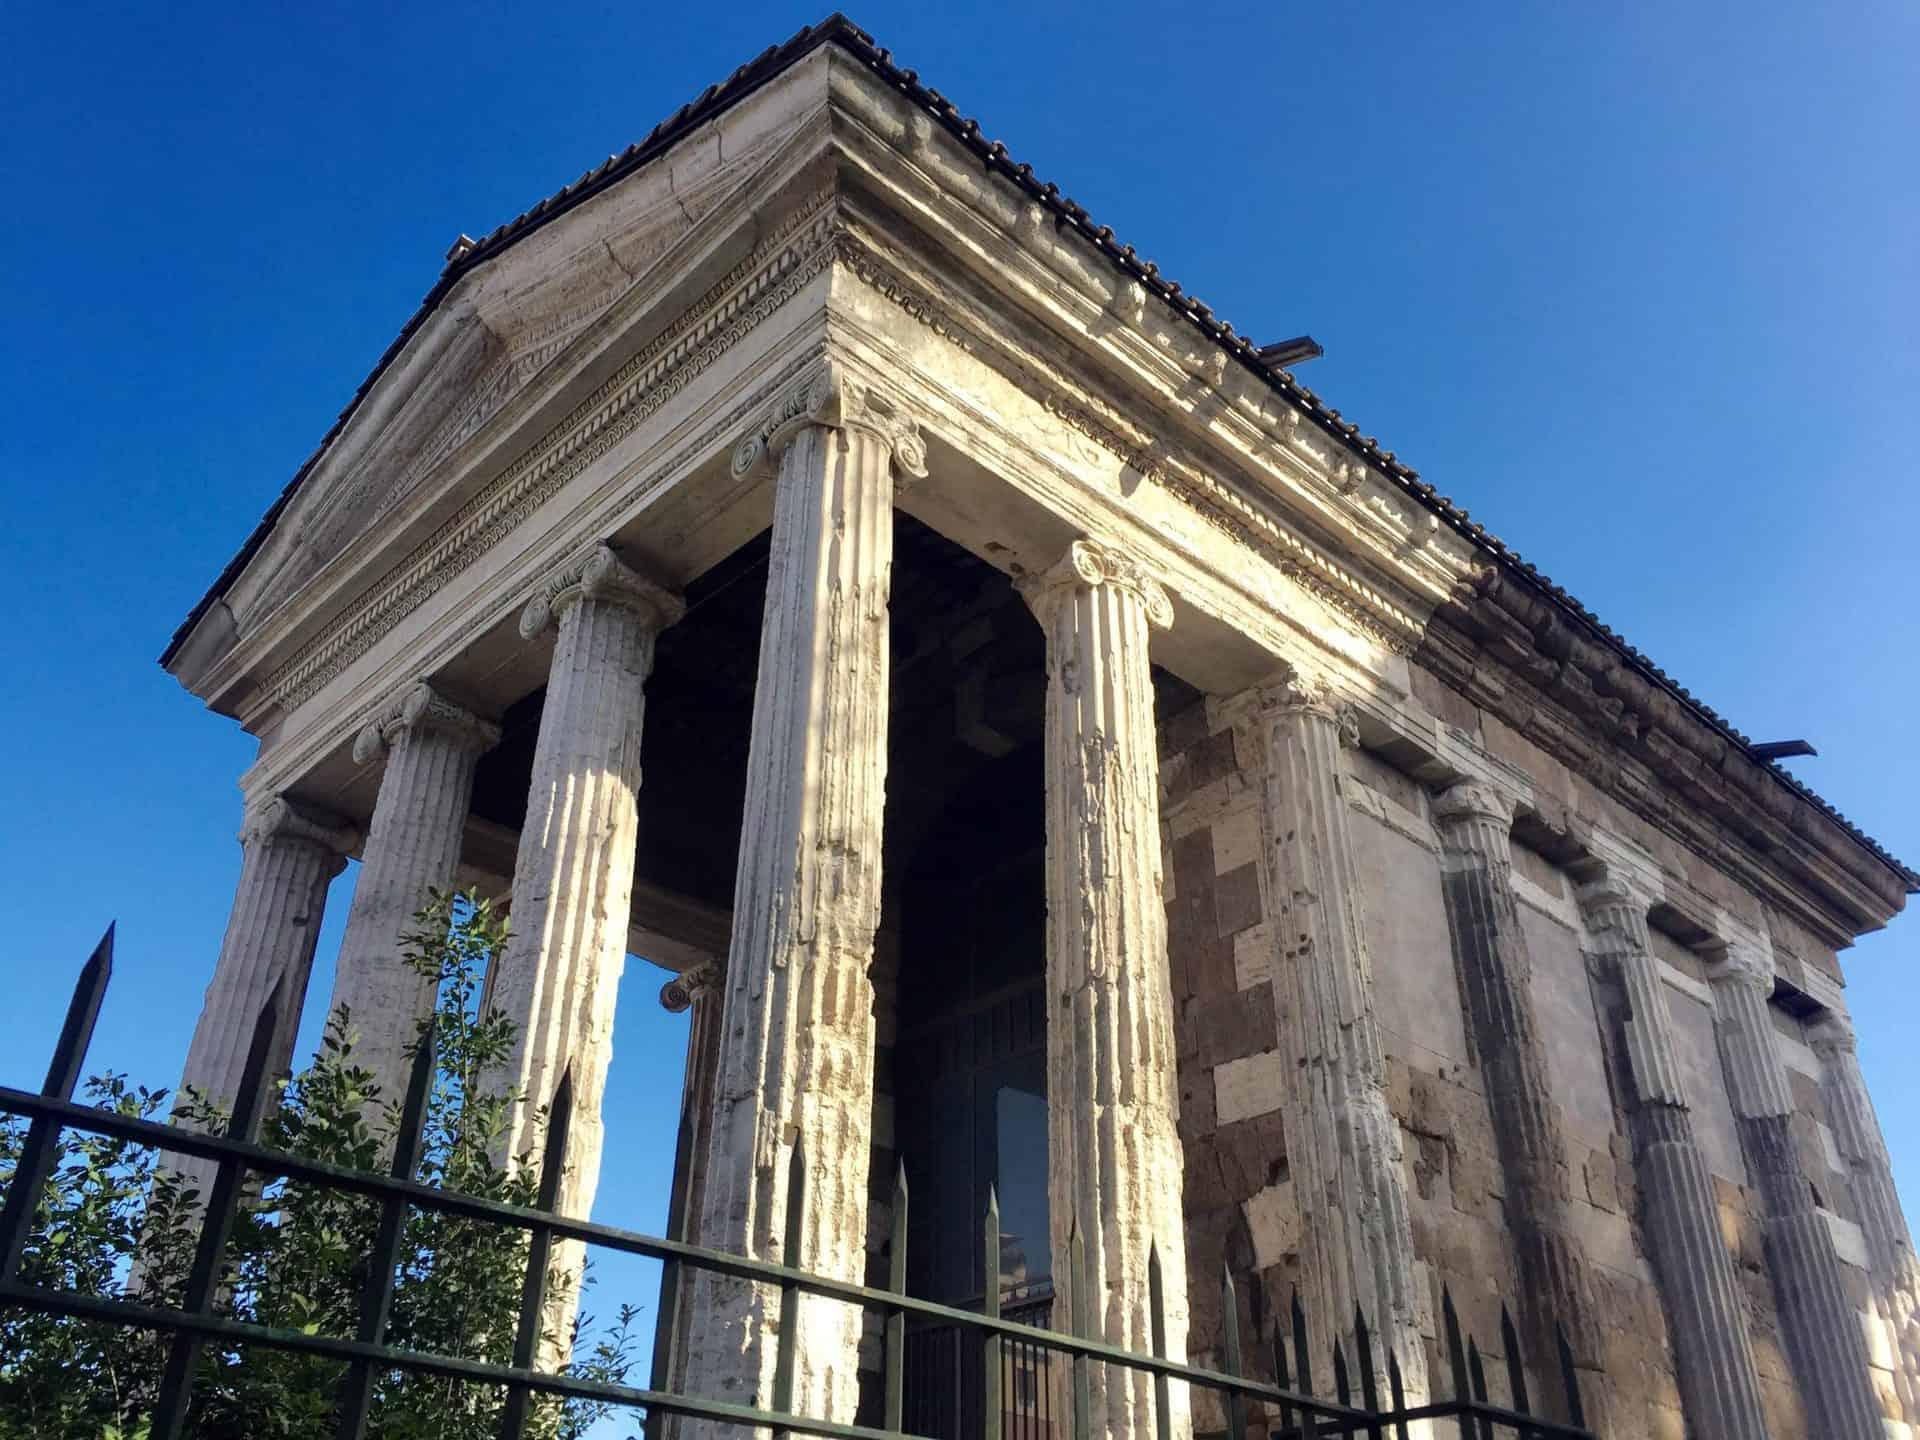 rome_fromcapitoline10) Temple of Portunus